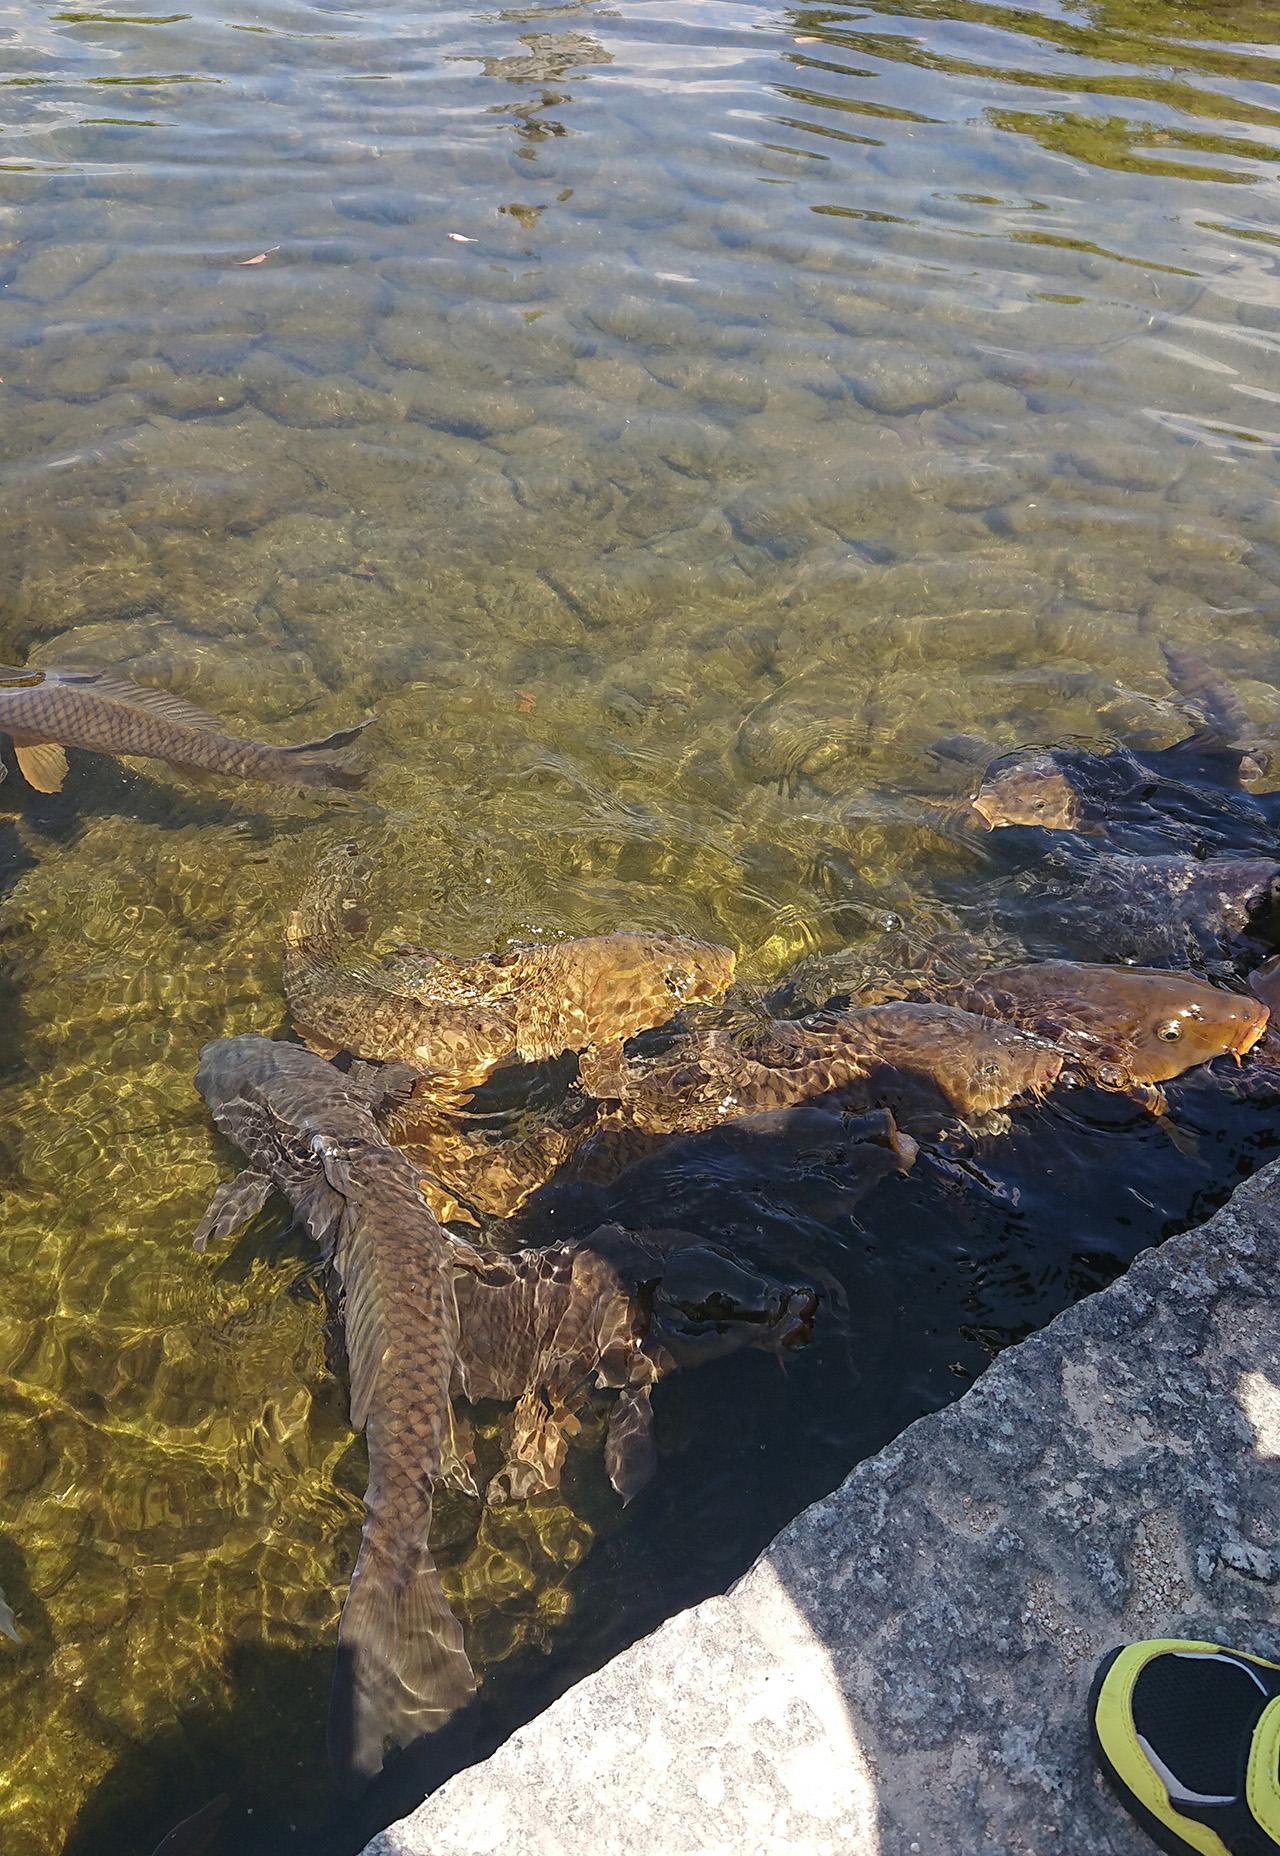 池の中で泳いでいる鯉の写真